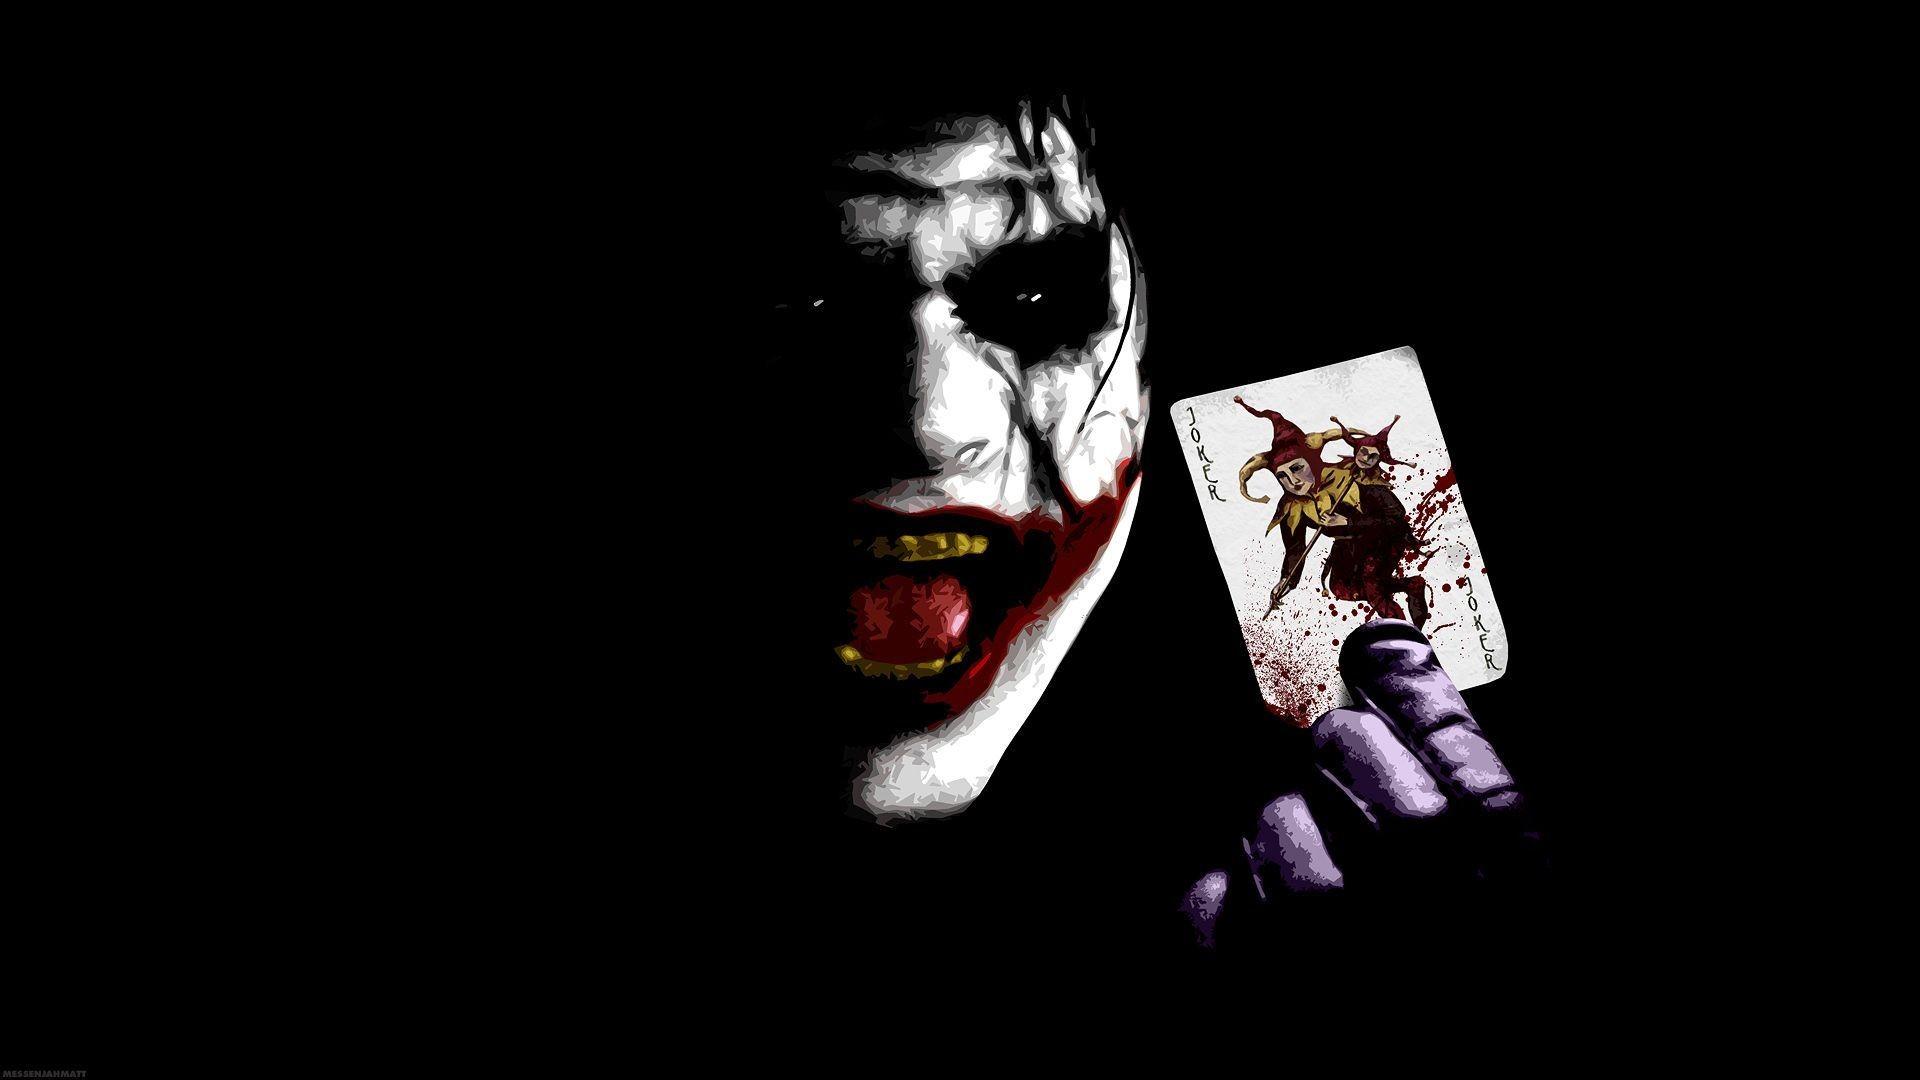 Joker Wallpaper in Dangerous Mod with Joker card. on